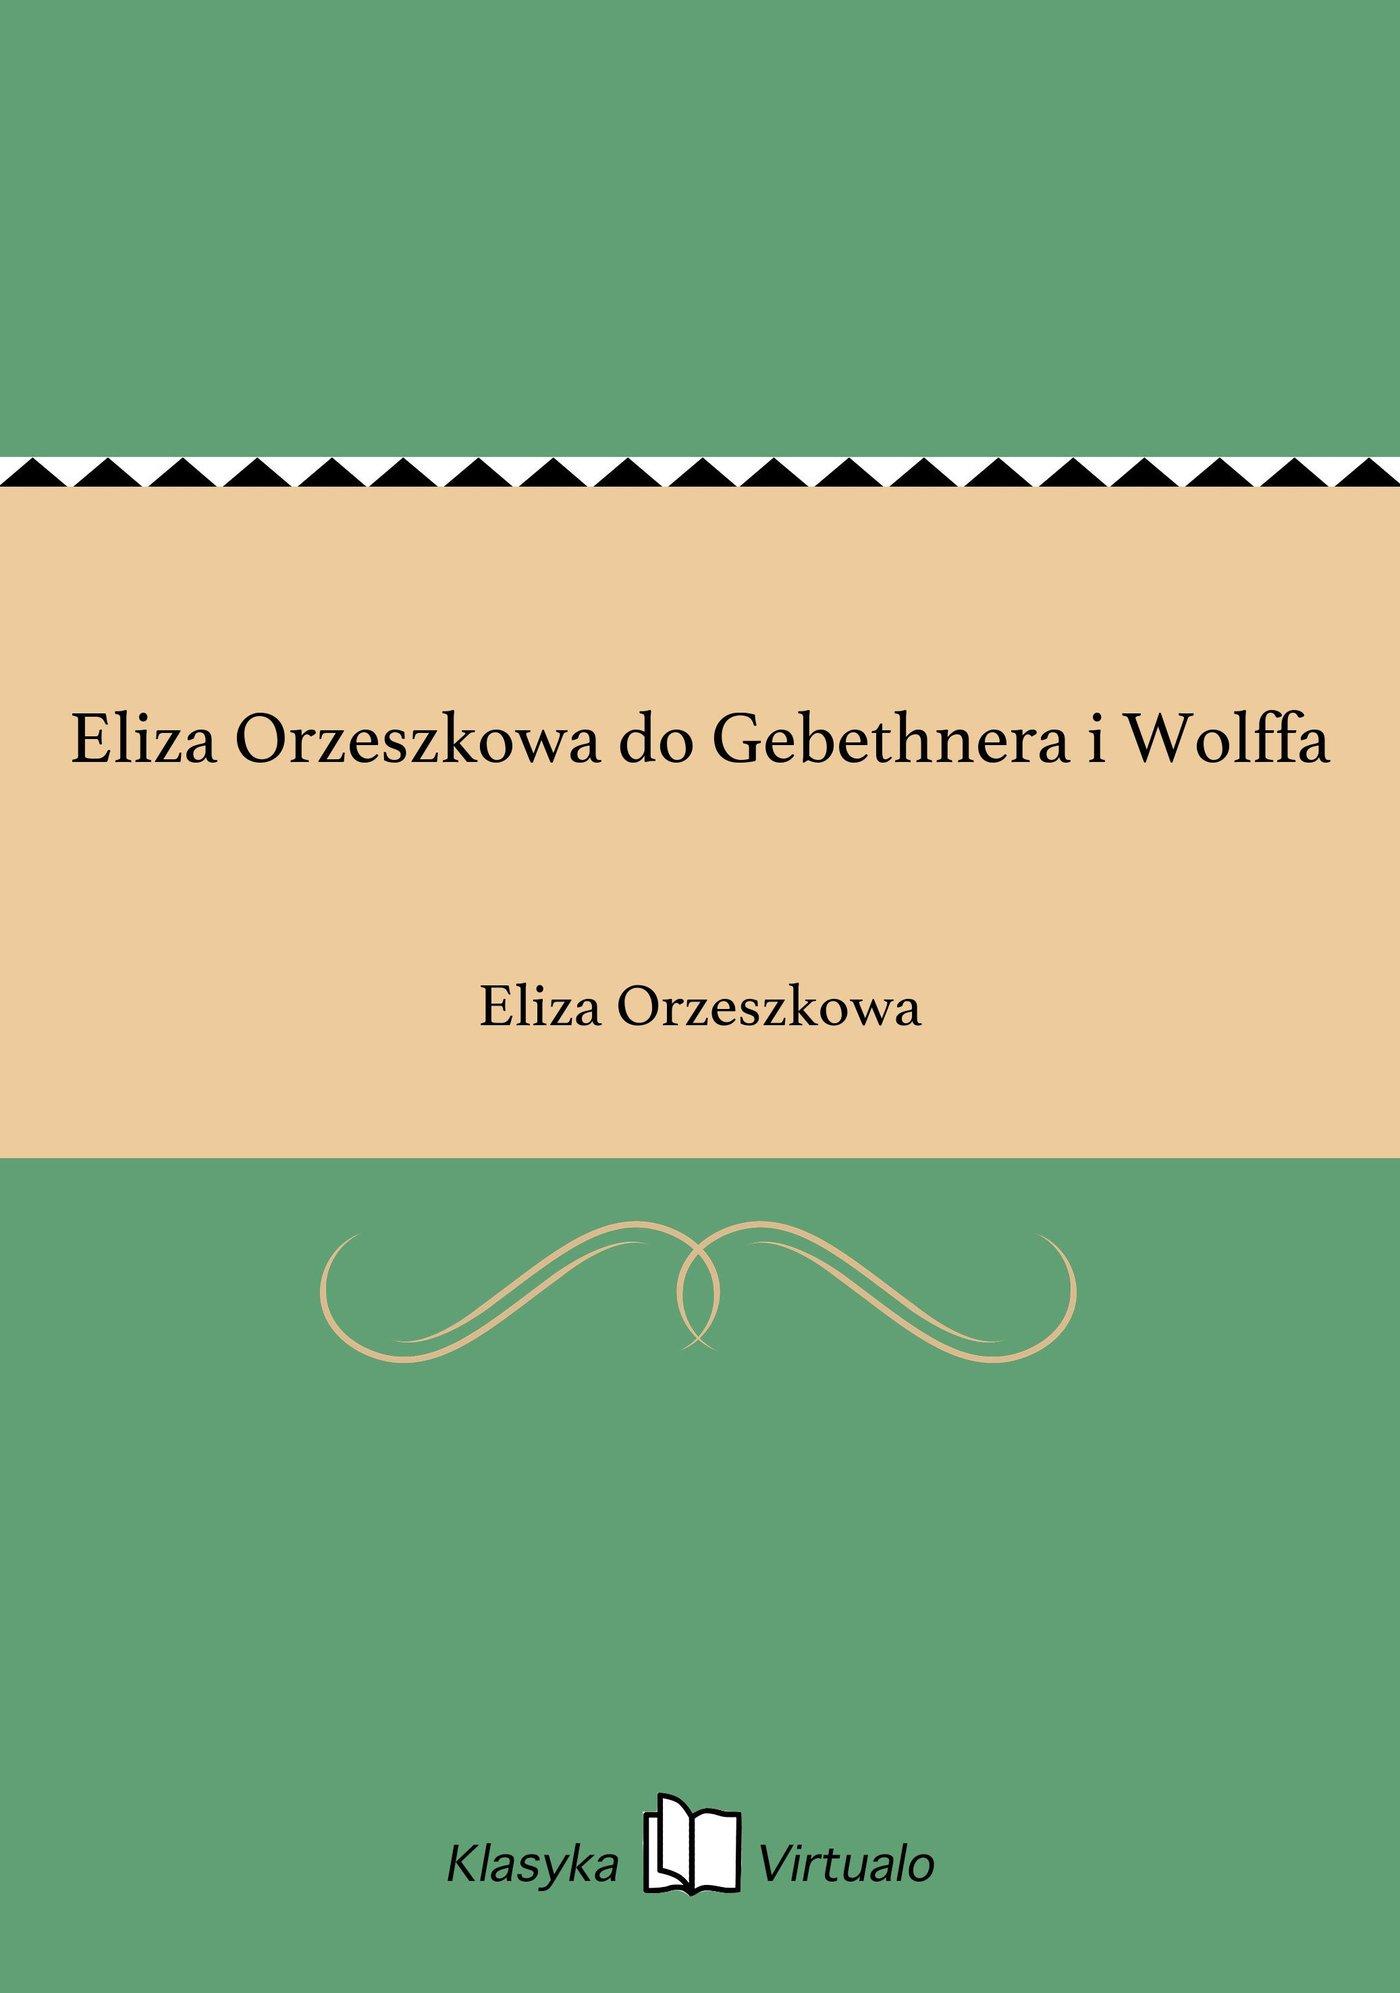 Eliza Orzeszkowa do Gebethnera i Wolffa - Ebook (Książka na Kindle) do pobrania w formacie MOBI